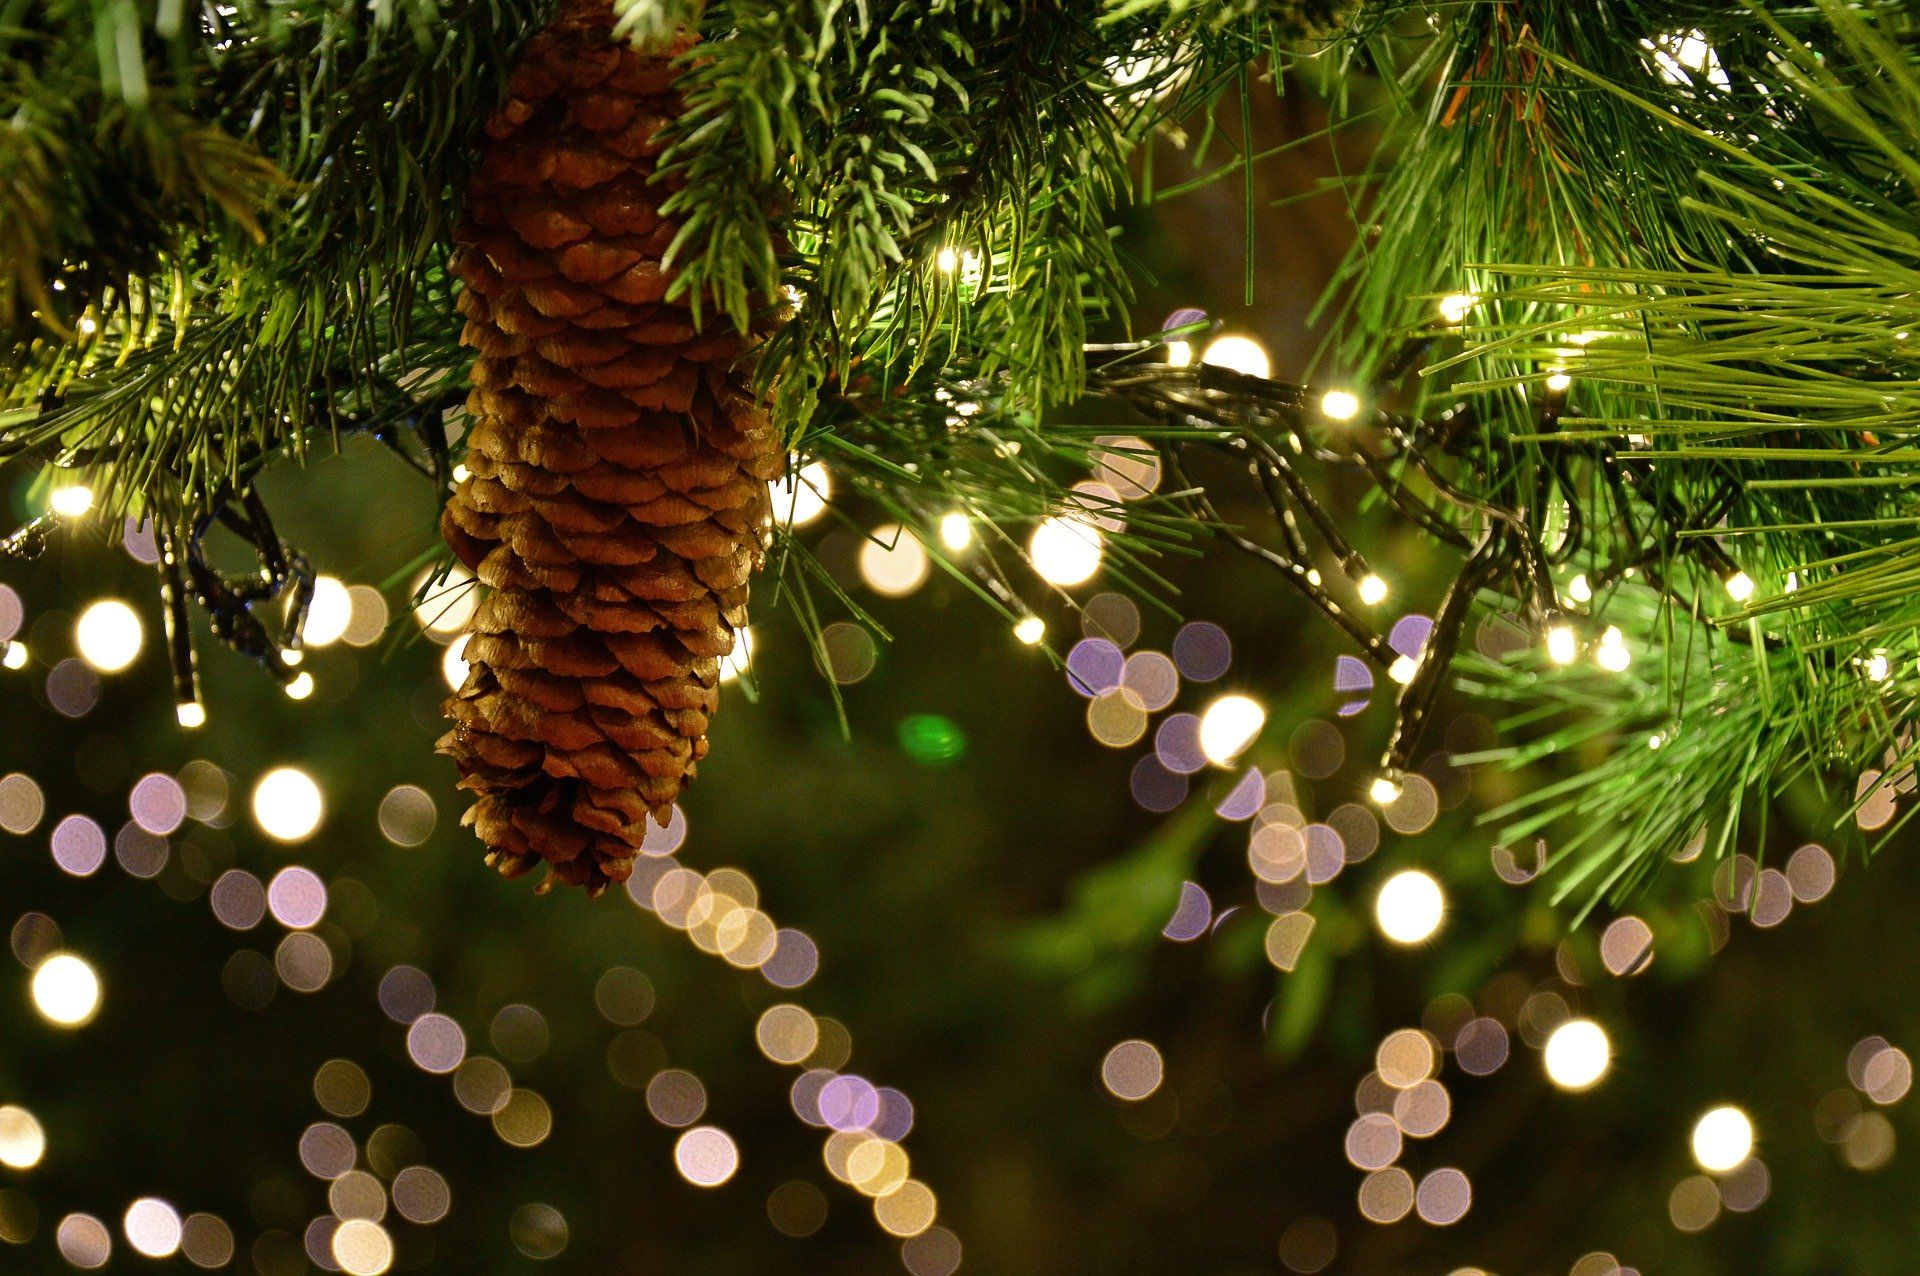 Ghirlanda di Natale - Mercatini di Natale a Strasburgo